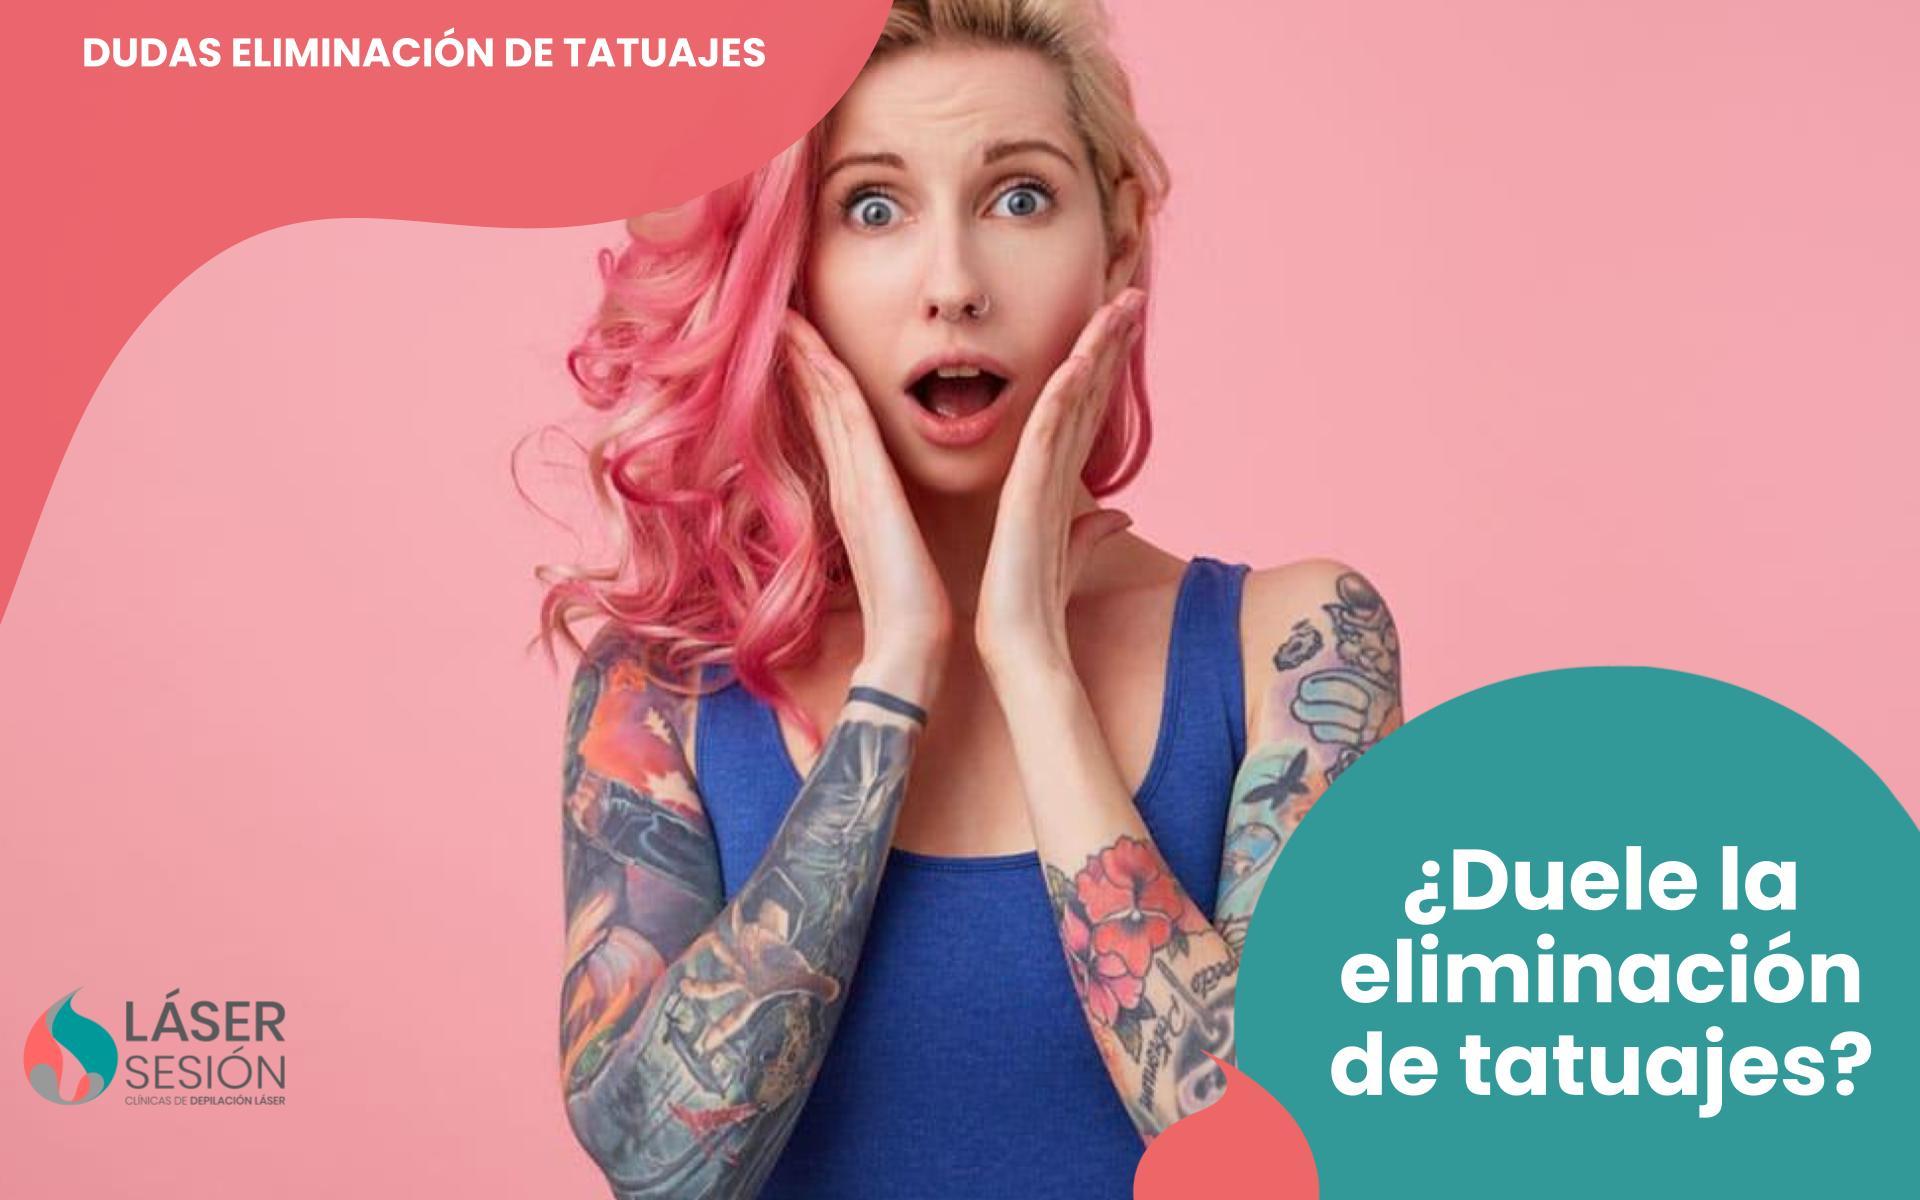 ¿Duele la eliminación de tatuajes?